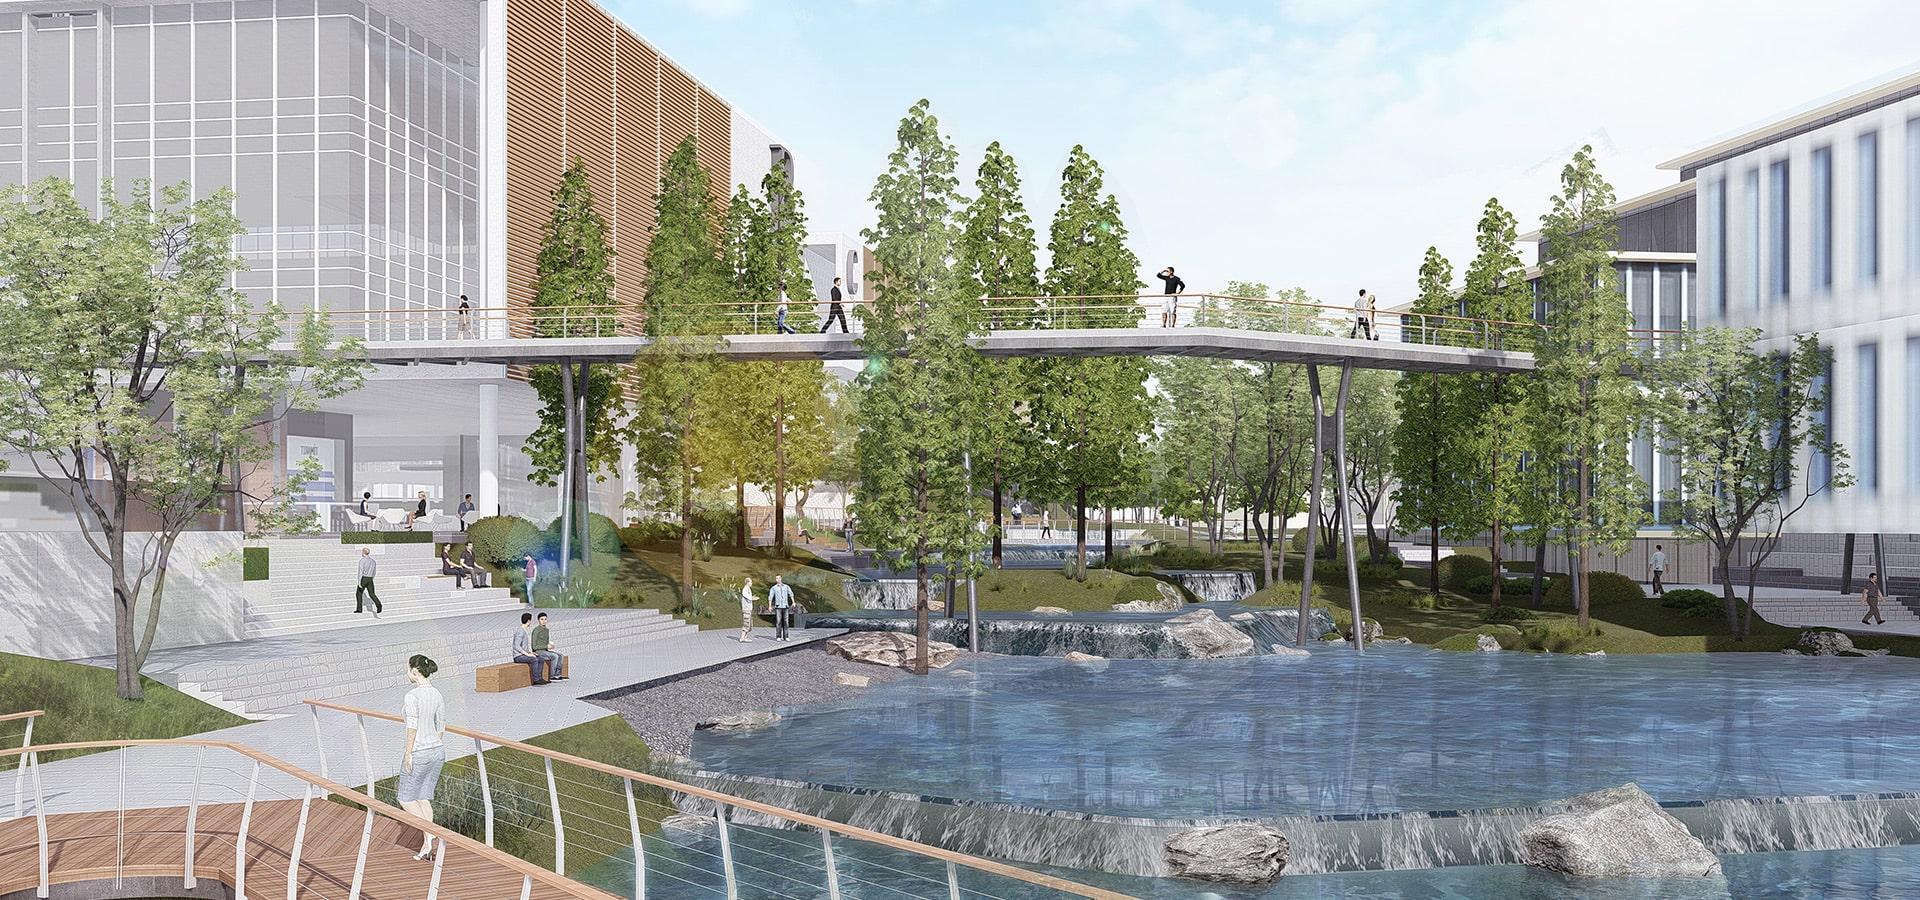 拥抱自然的多元活力综合园区——<br>长沙爱尔国际眼健康科技产业园